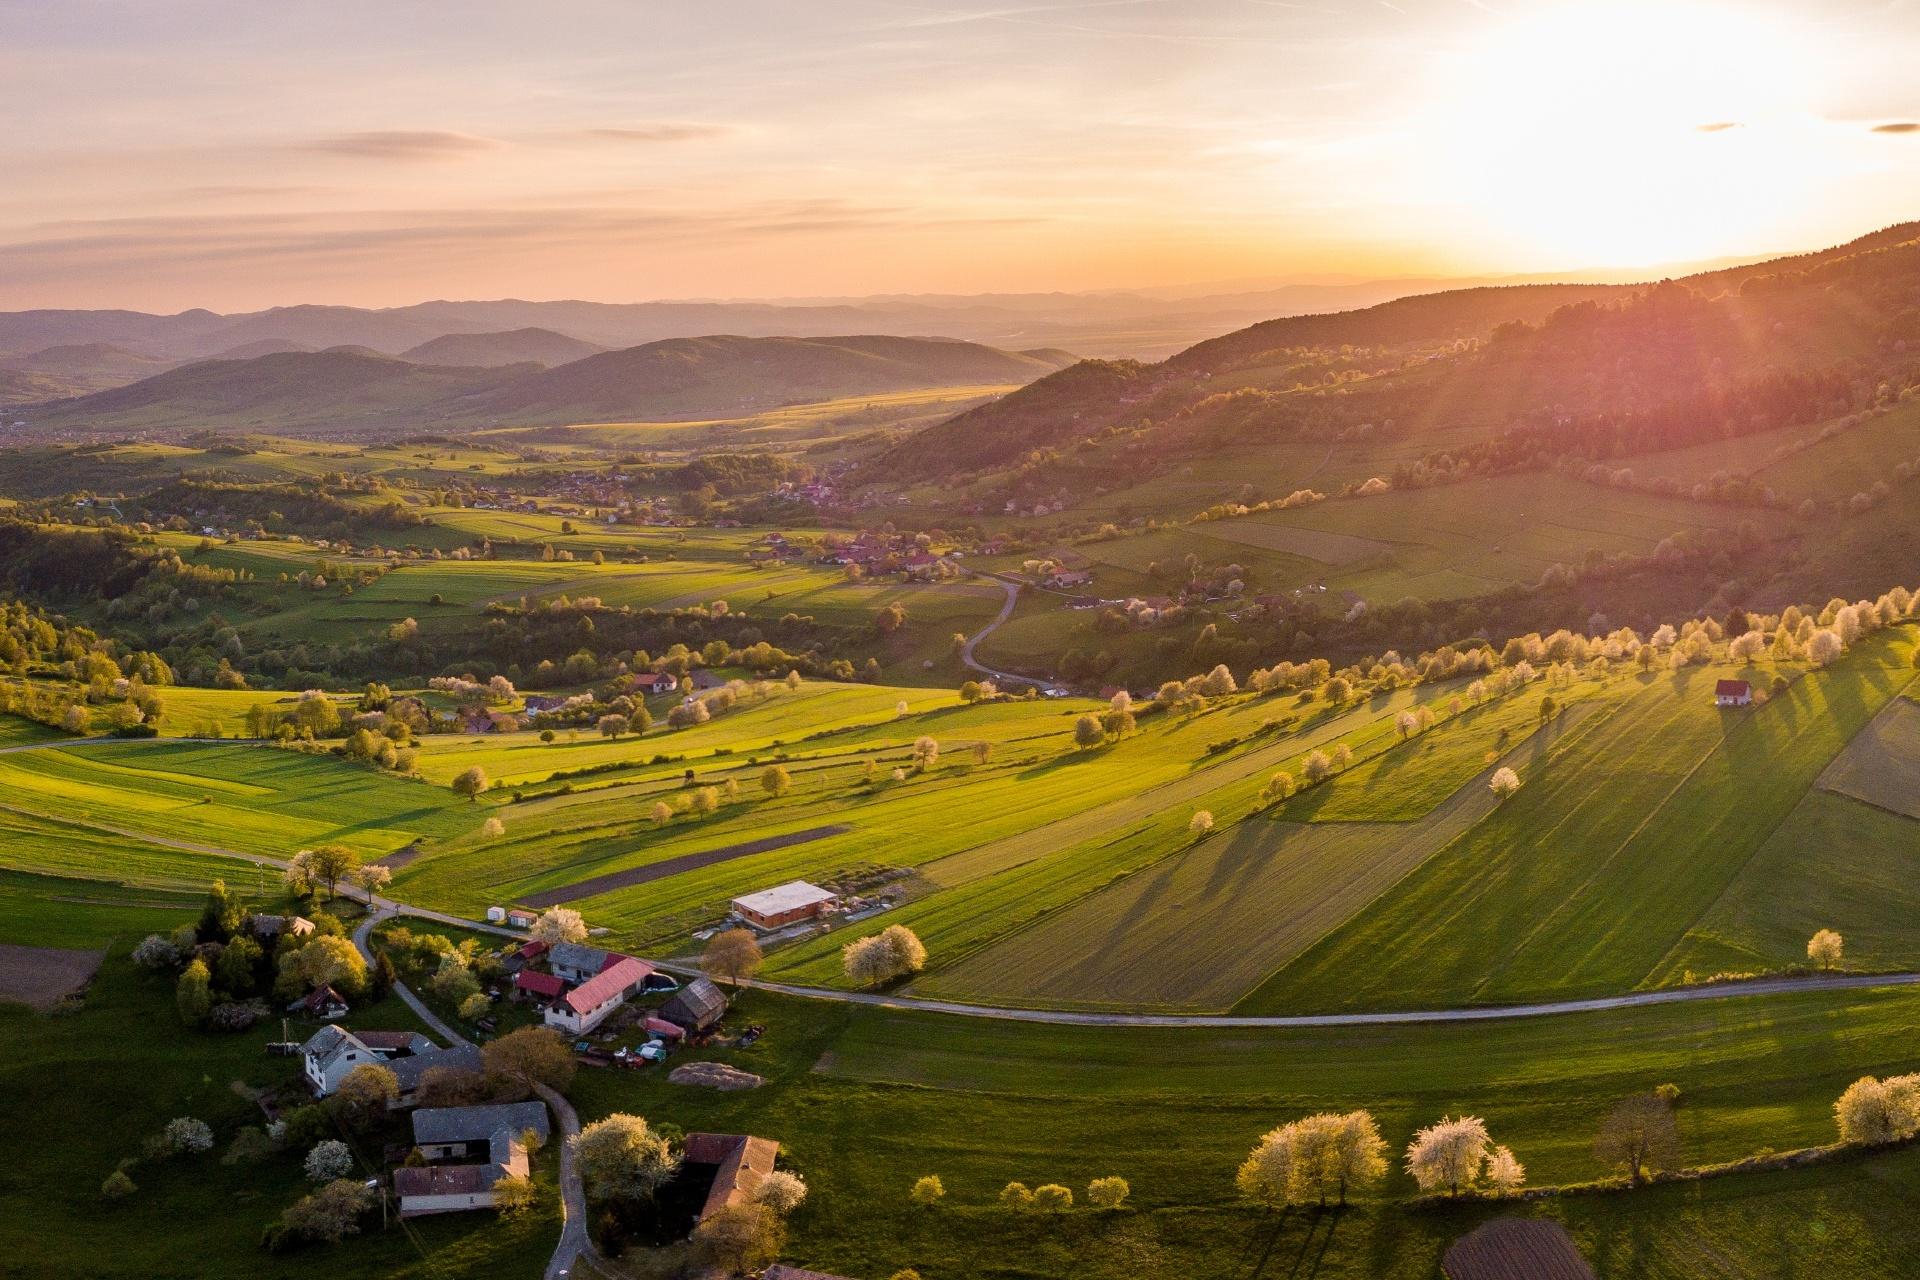 春のポラナの風景 スロバキアの風景